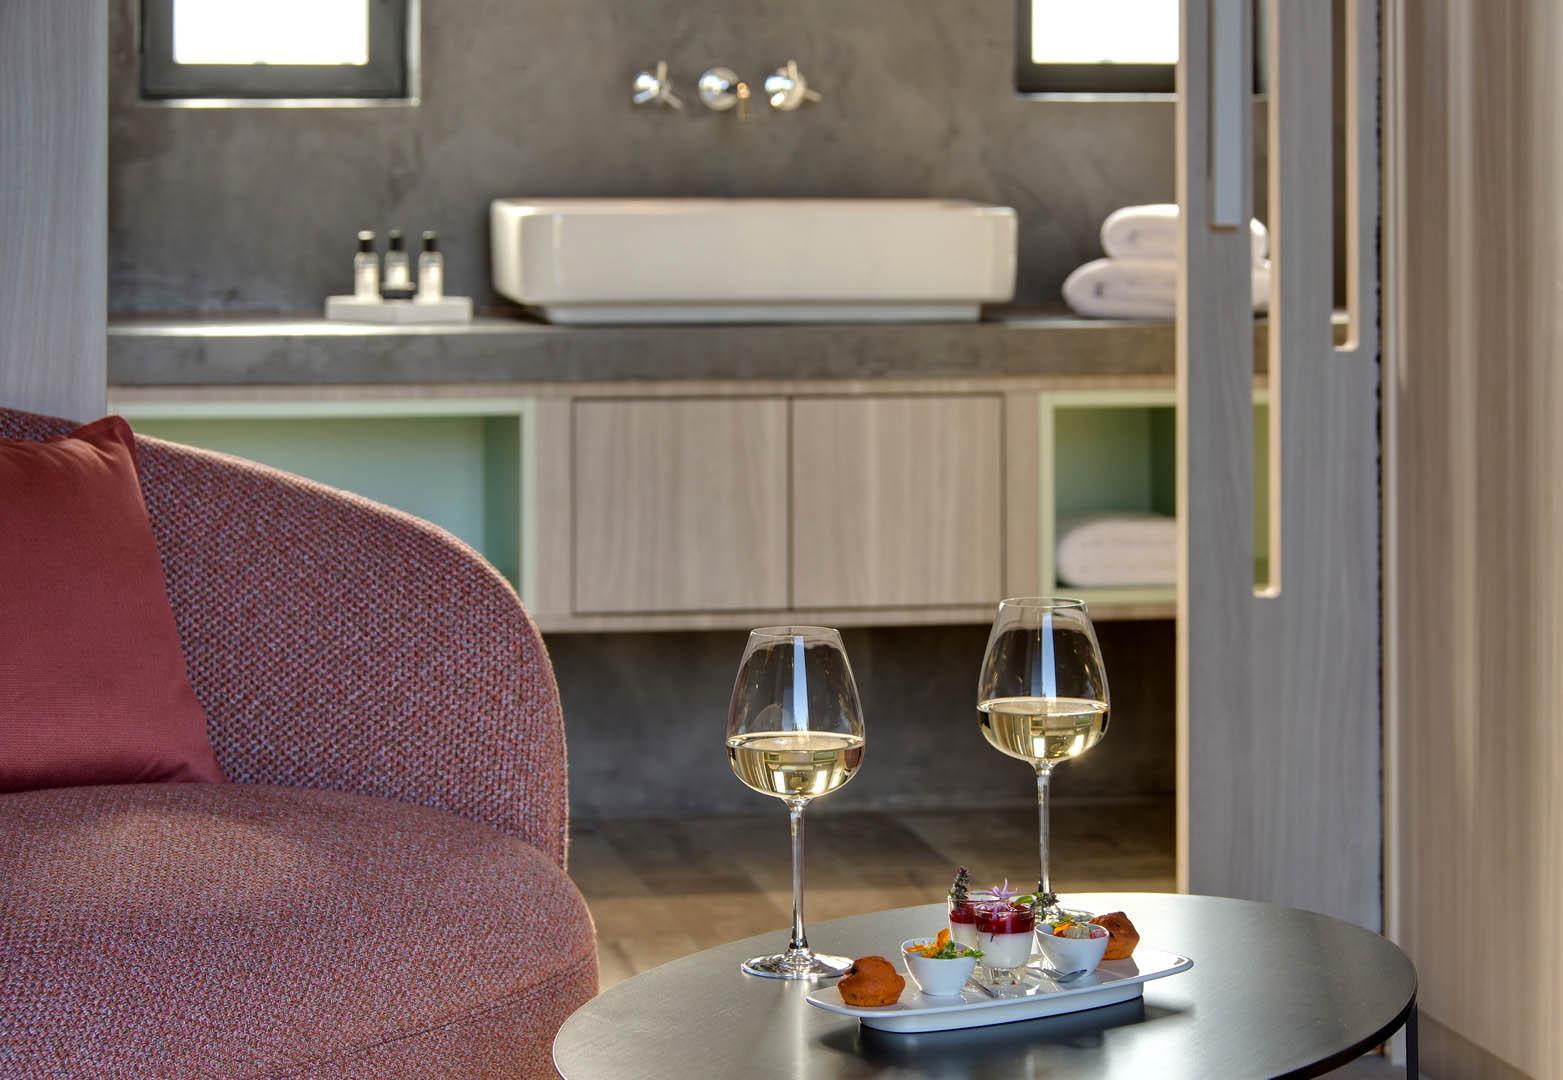 Planche apéro et vin, maison d'hôtes Provence, Le Pré Gourmand